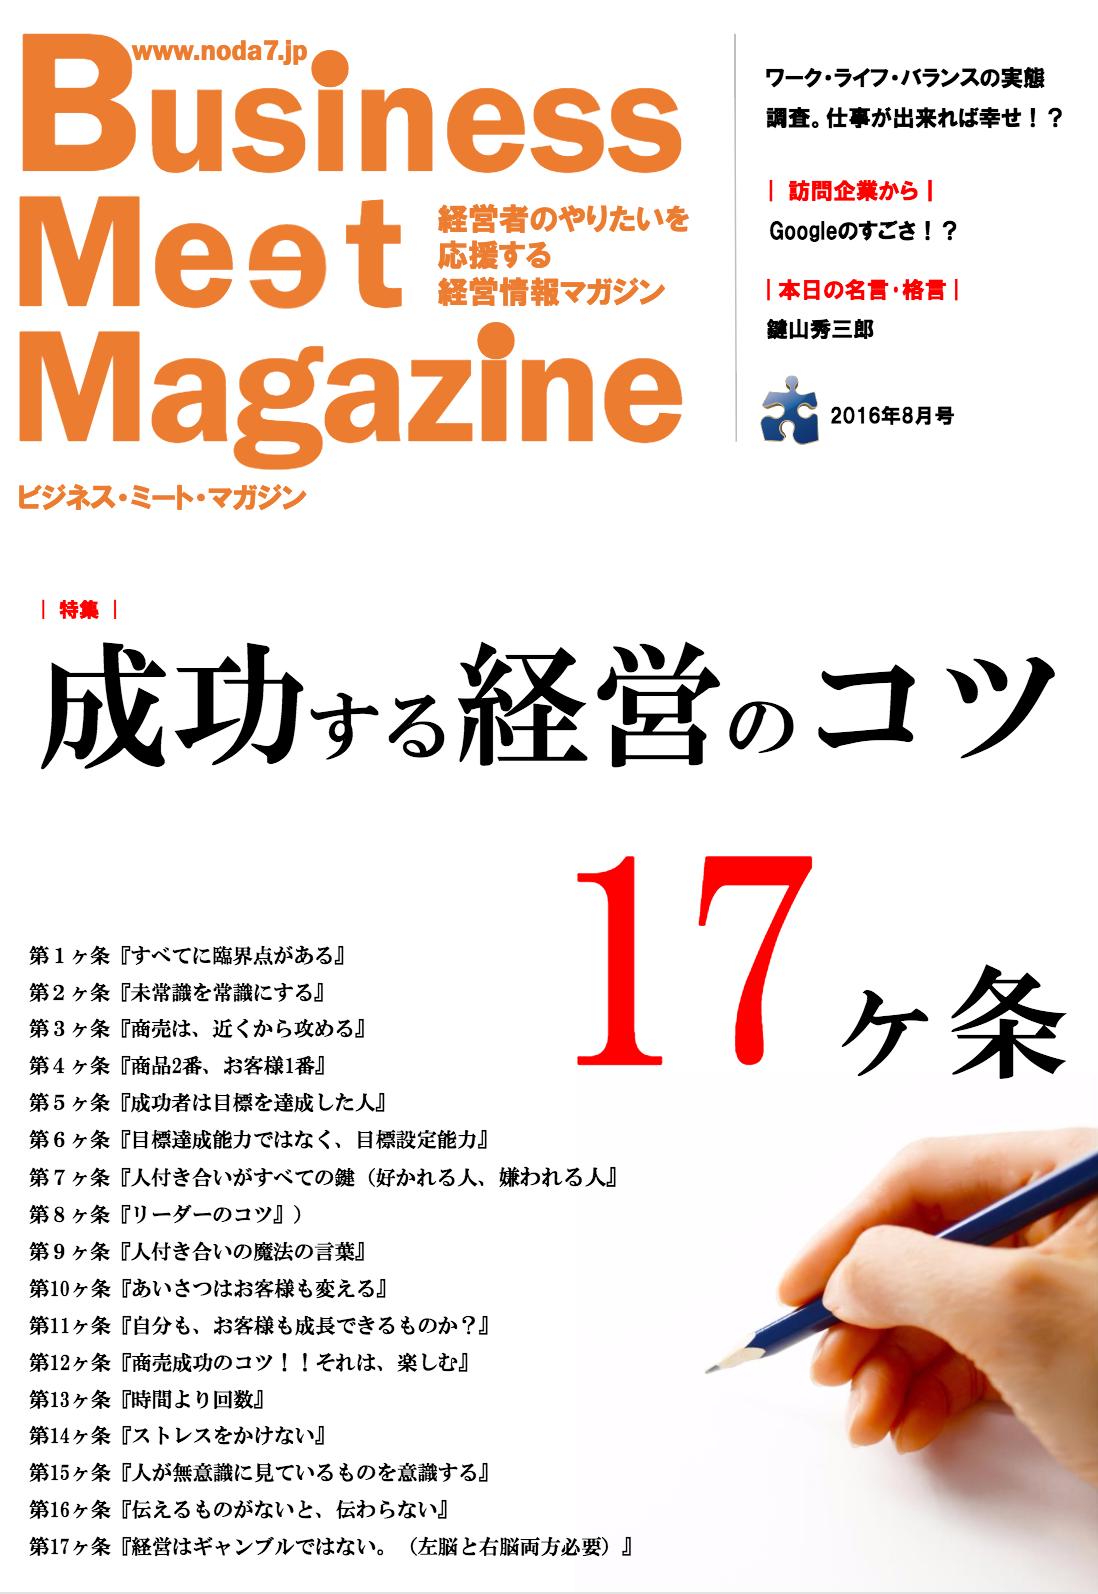 [雑誌]BMM2016年8月号「成功する経営のコツ17ヶ条」